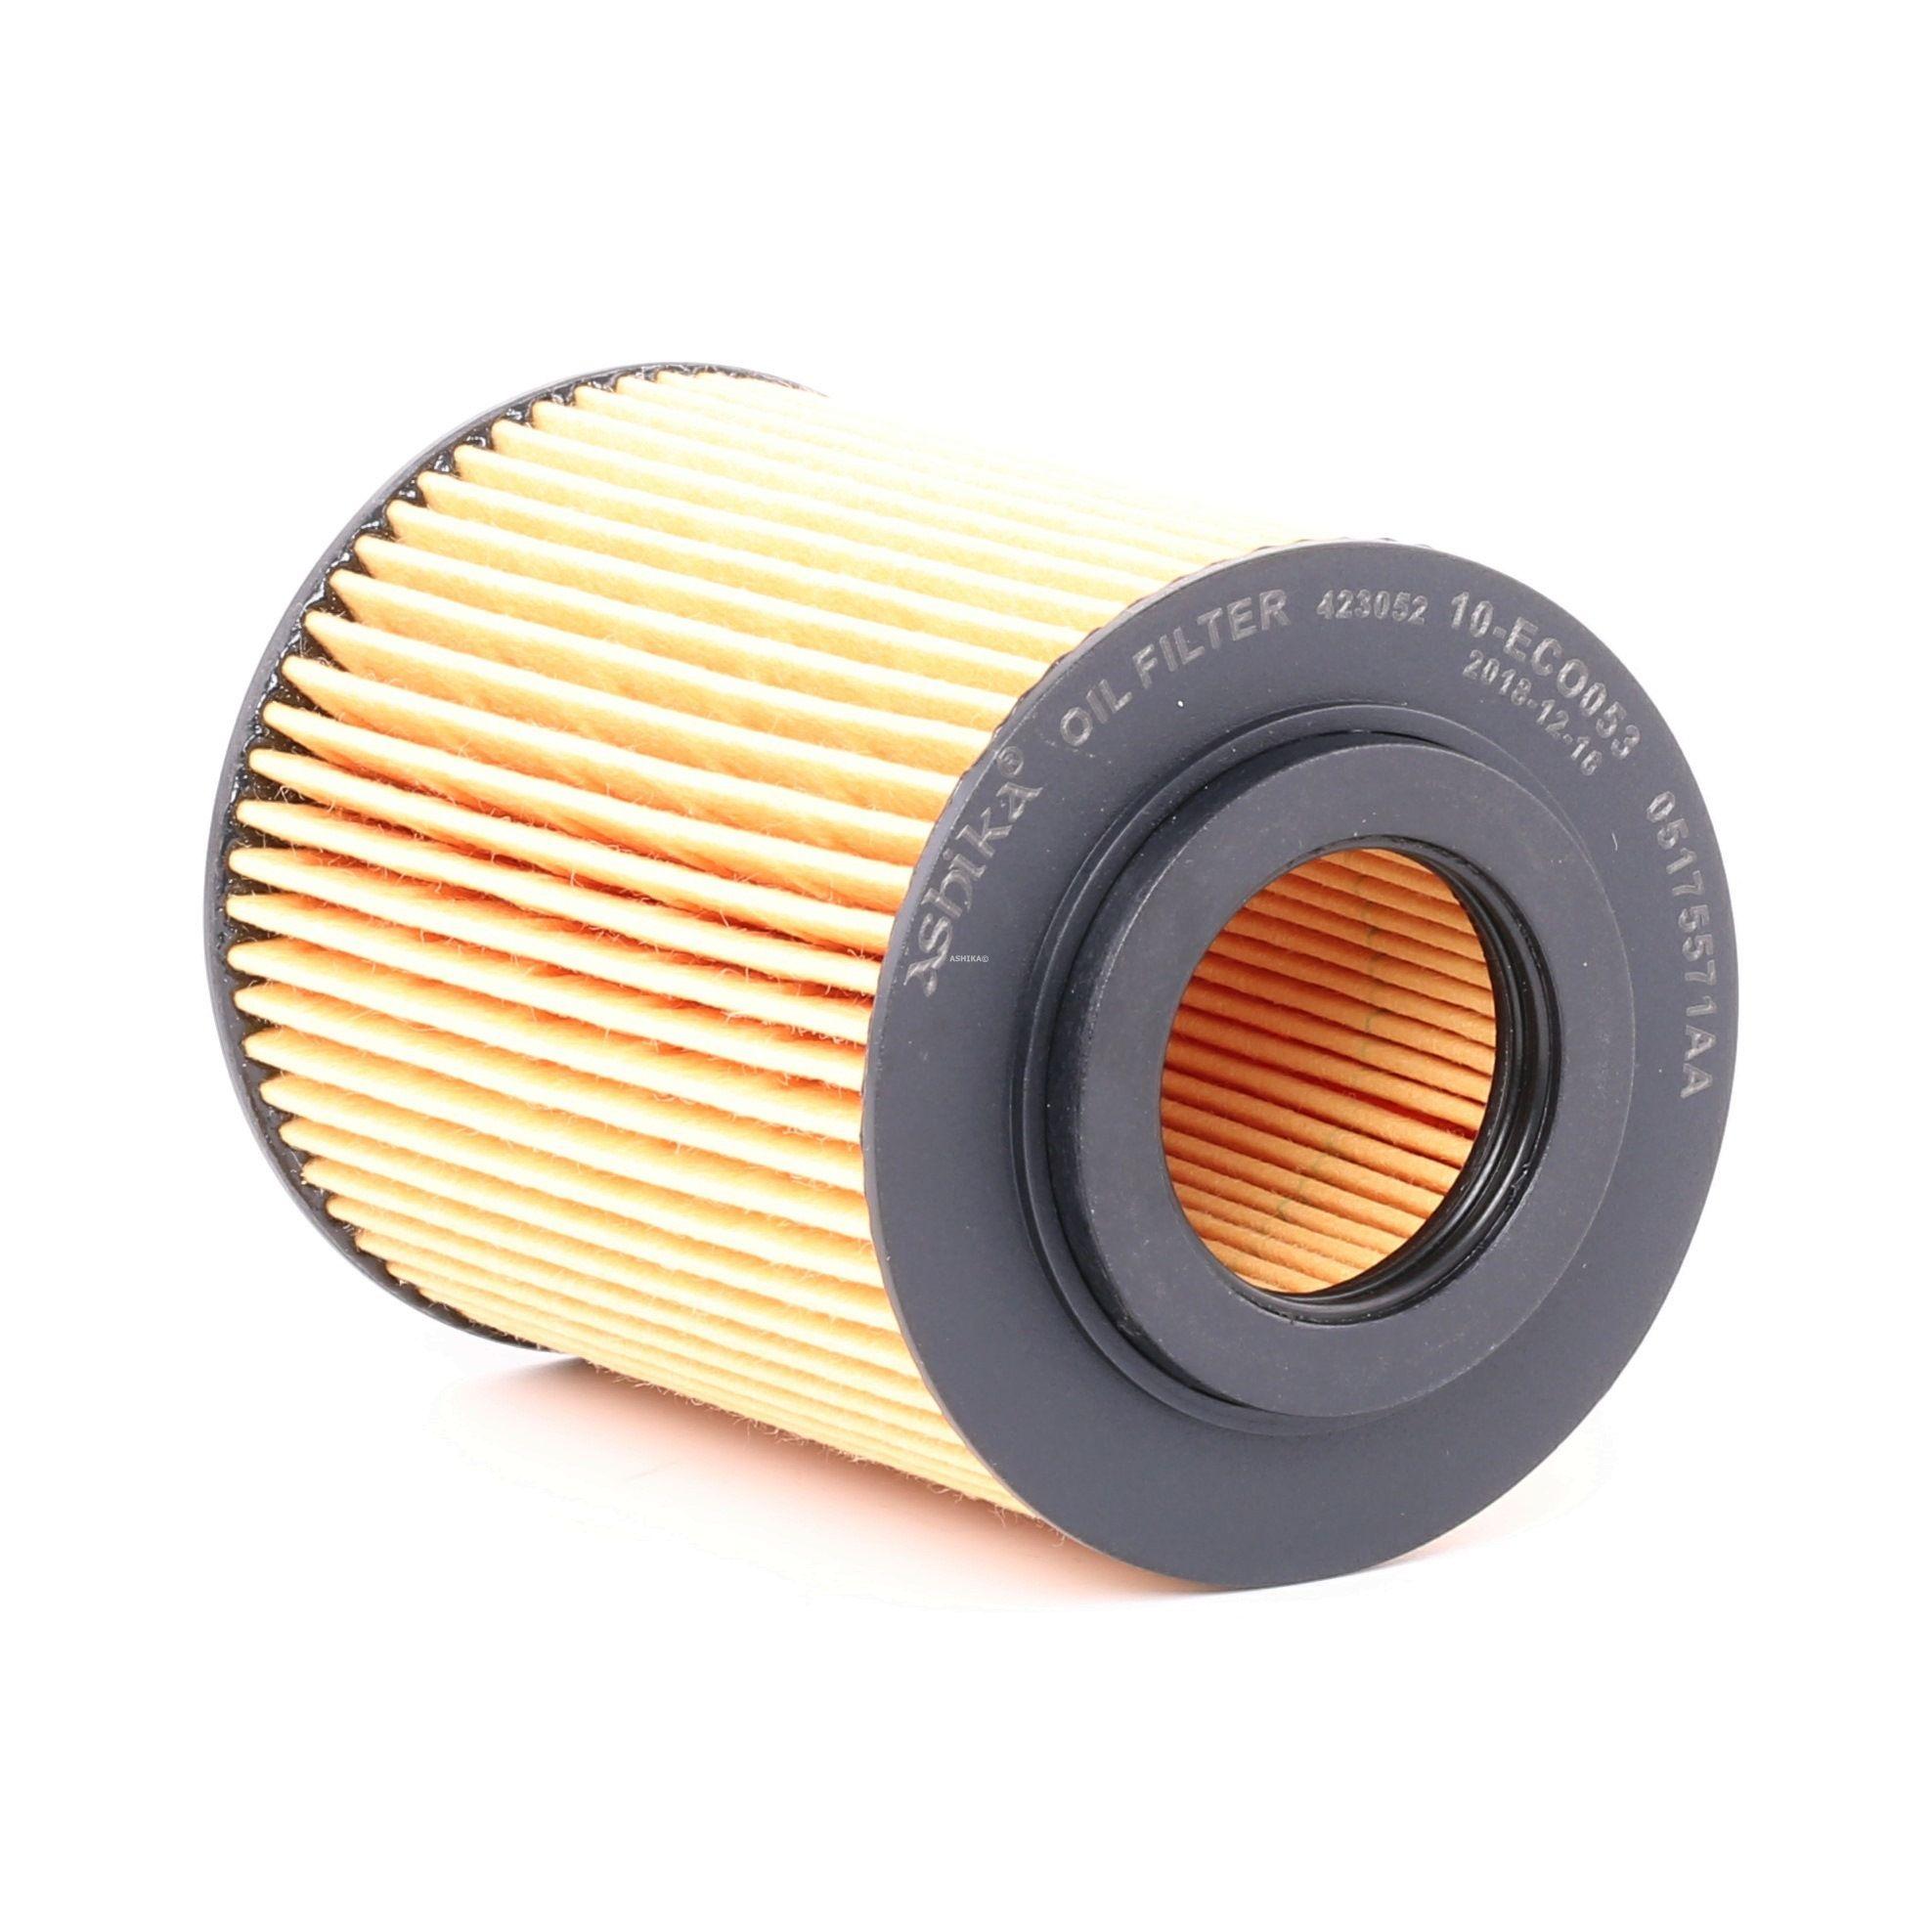 10-ECO053 ASHIKA Filtereinsatz Innendurchmesser: 31mm, Ø: 71mm, Länge: 94,5mm, Länge: 94,5mm Ölfilter 10-ECO053 günstig kaufen